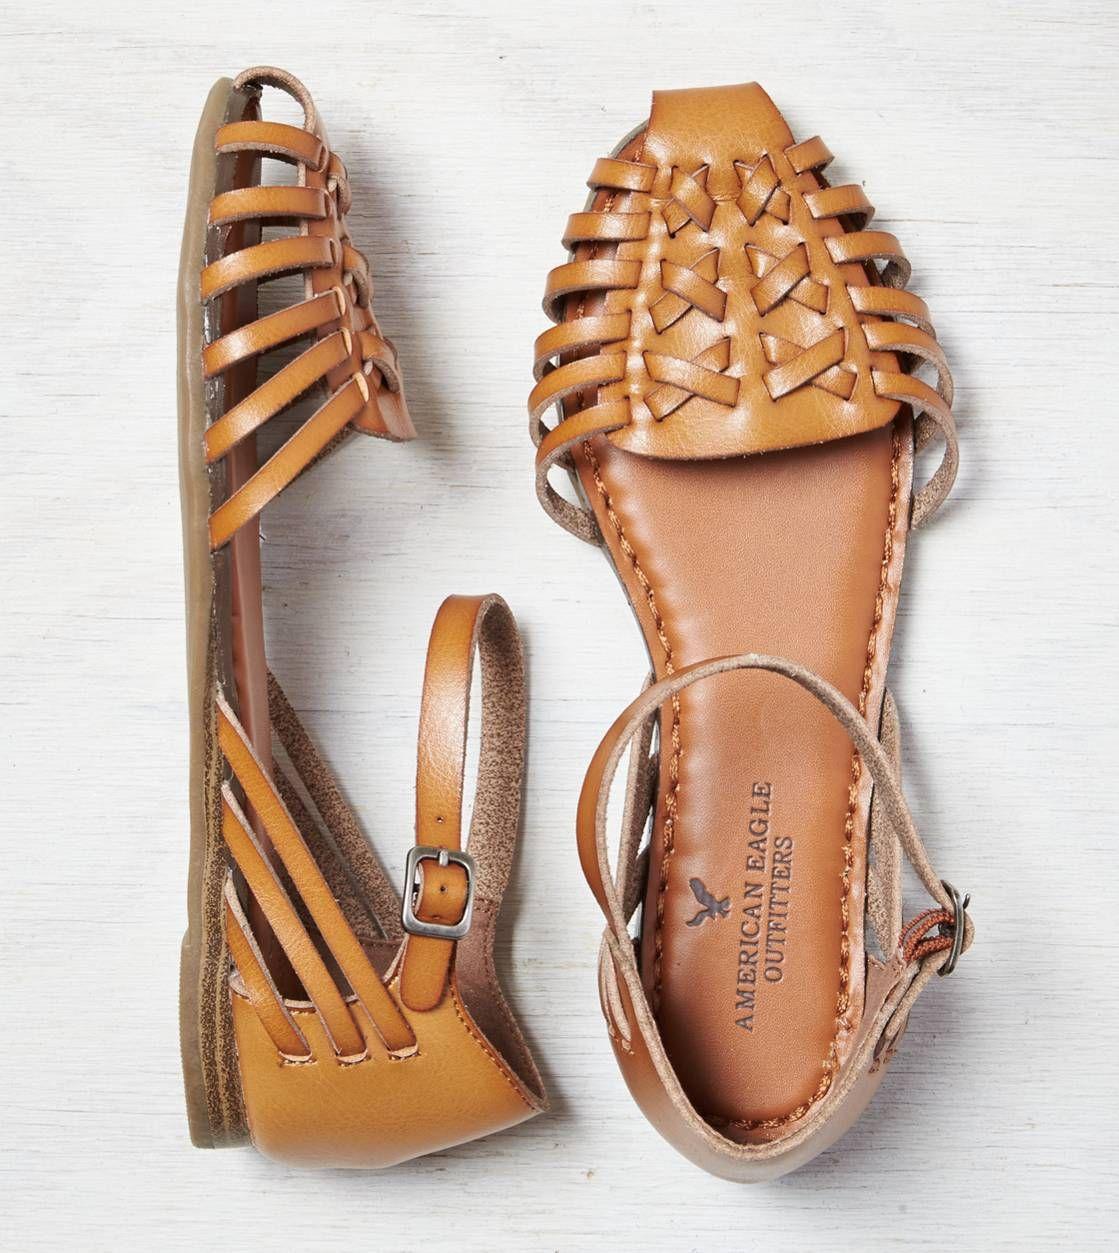 9585f4c8b9f3 AEO Ankle Strap Huarache Sandal. I NEED THESE